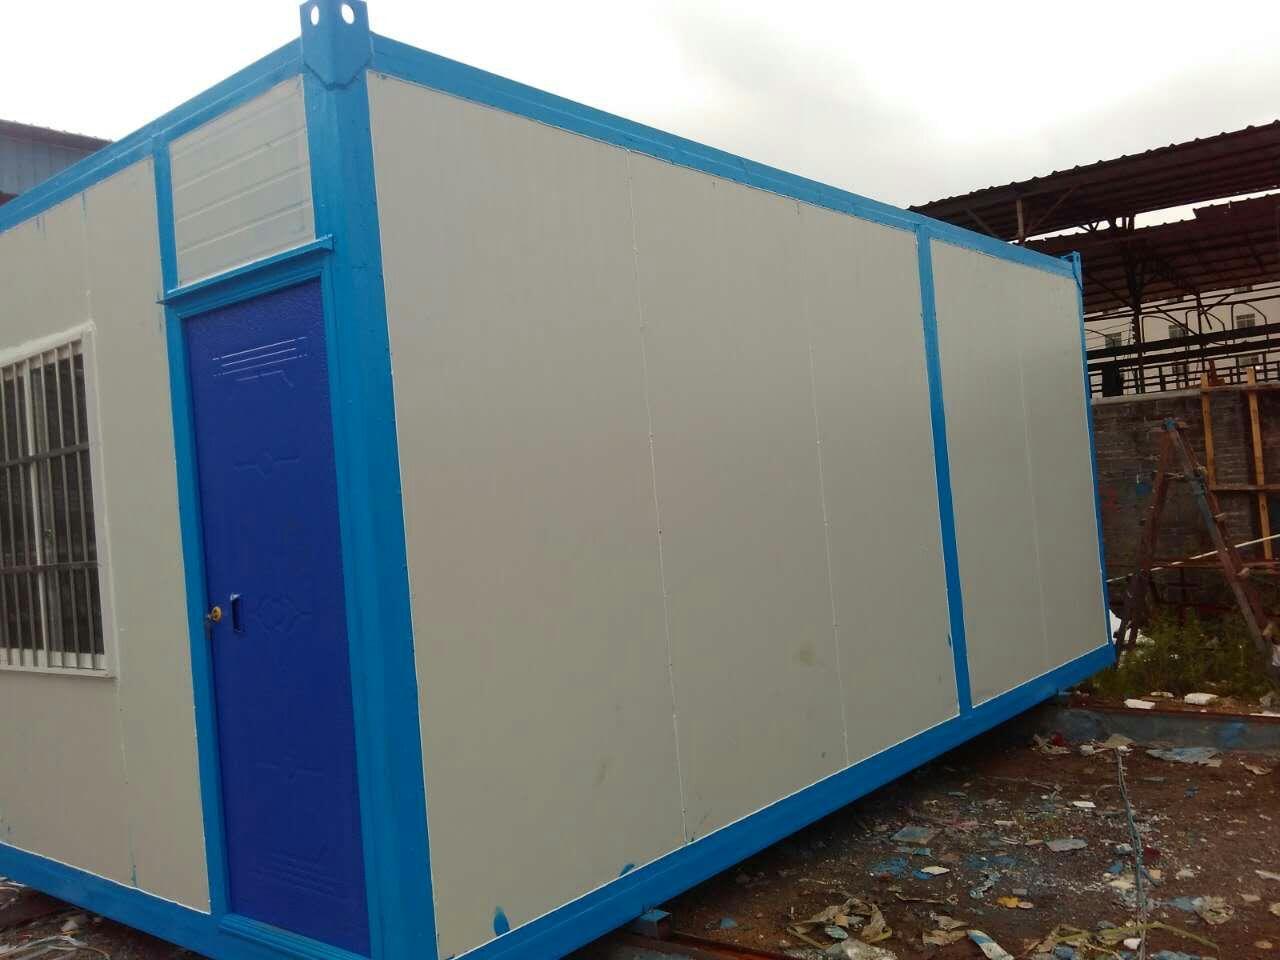 住人集装箱是一种绿色钢结构建筑